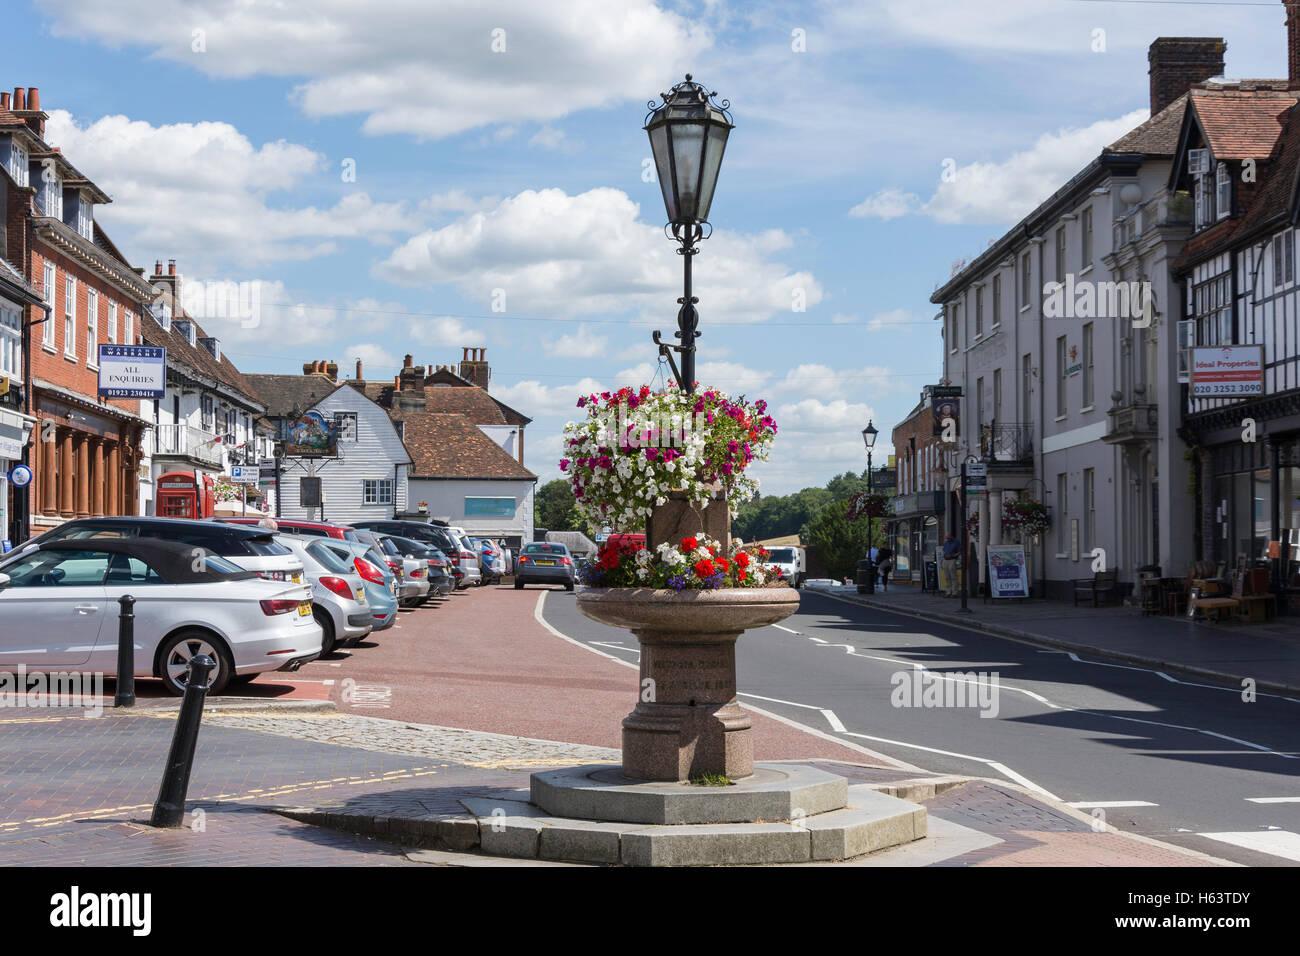 Market Square, Westerham, Kent, England, United Kingdom - Stock Image